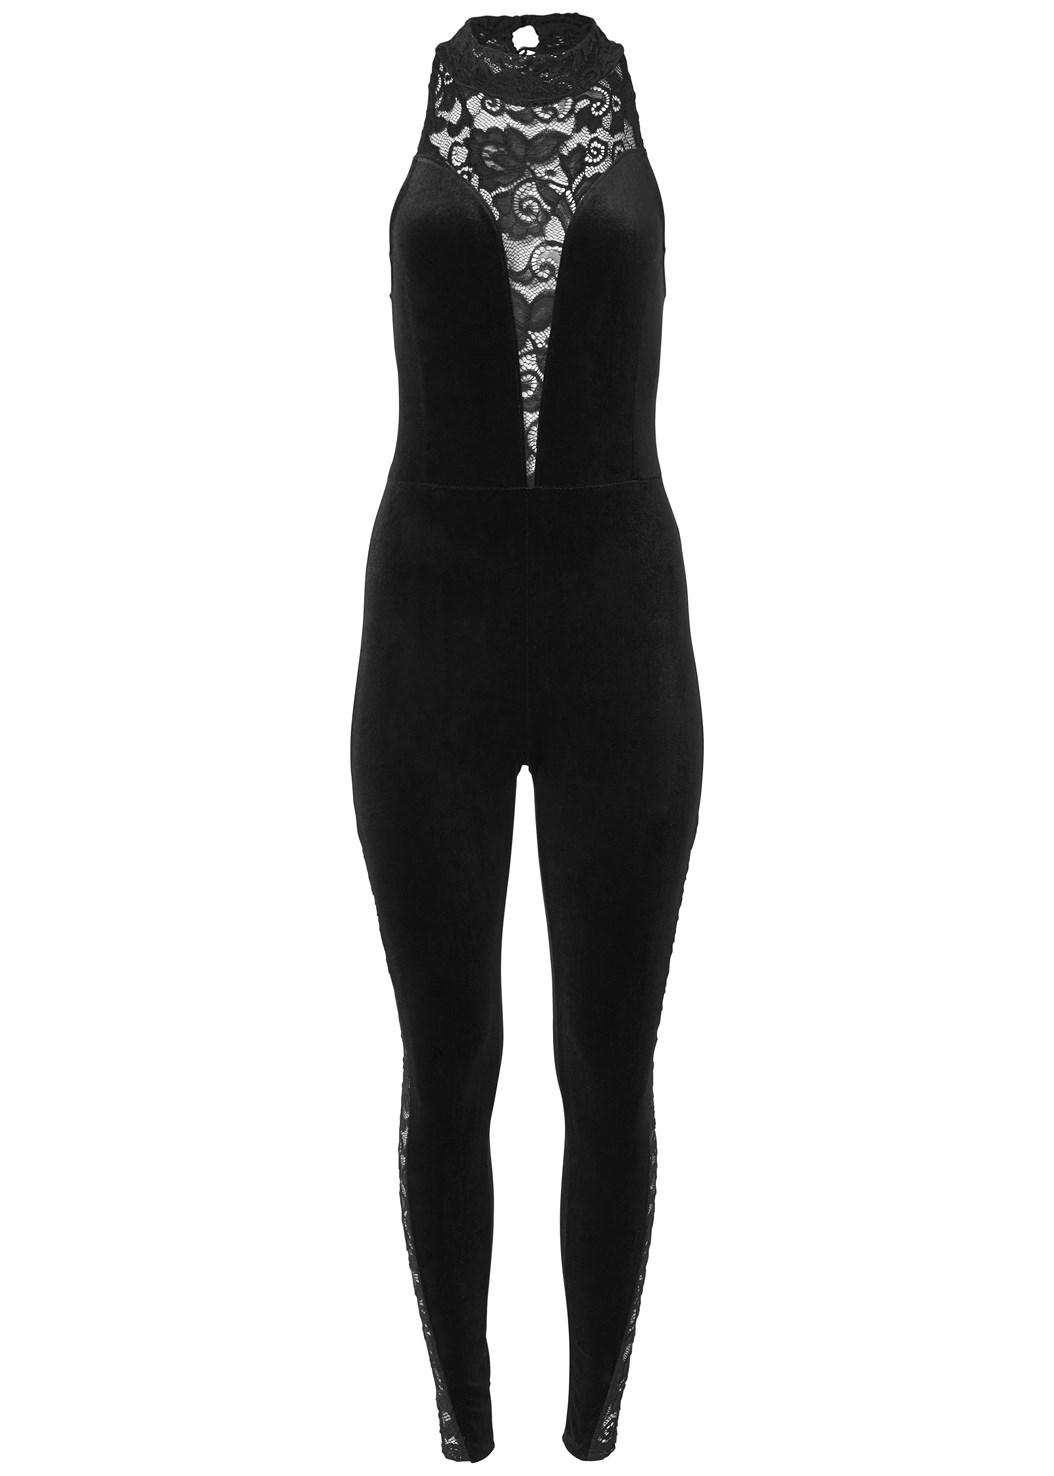 Velvet Lace Jumpsuit,Beaded Tassel Earrings,Rhinestone Clutch